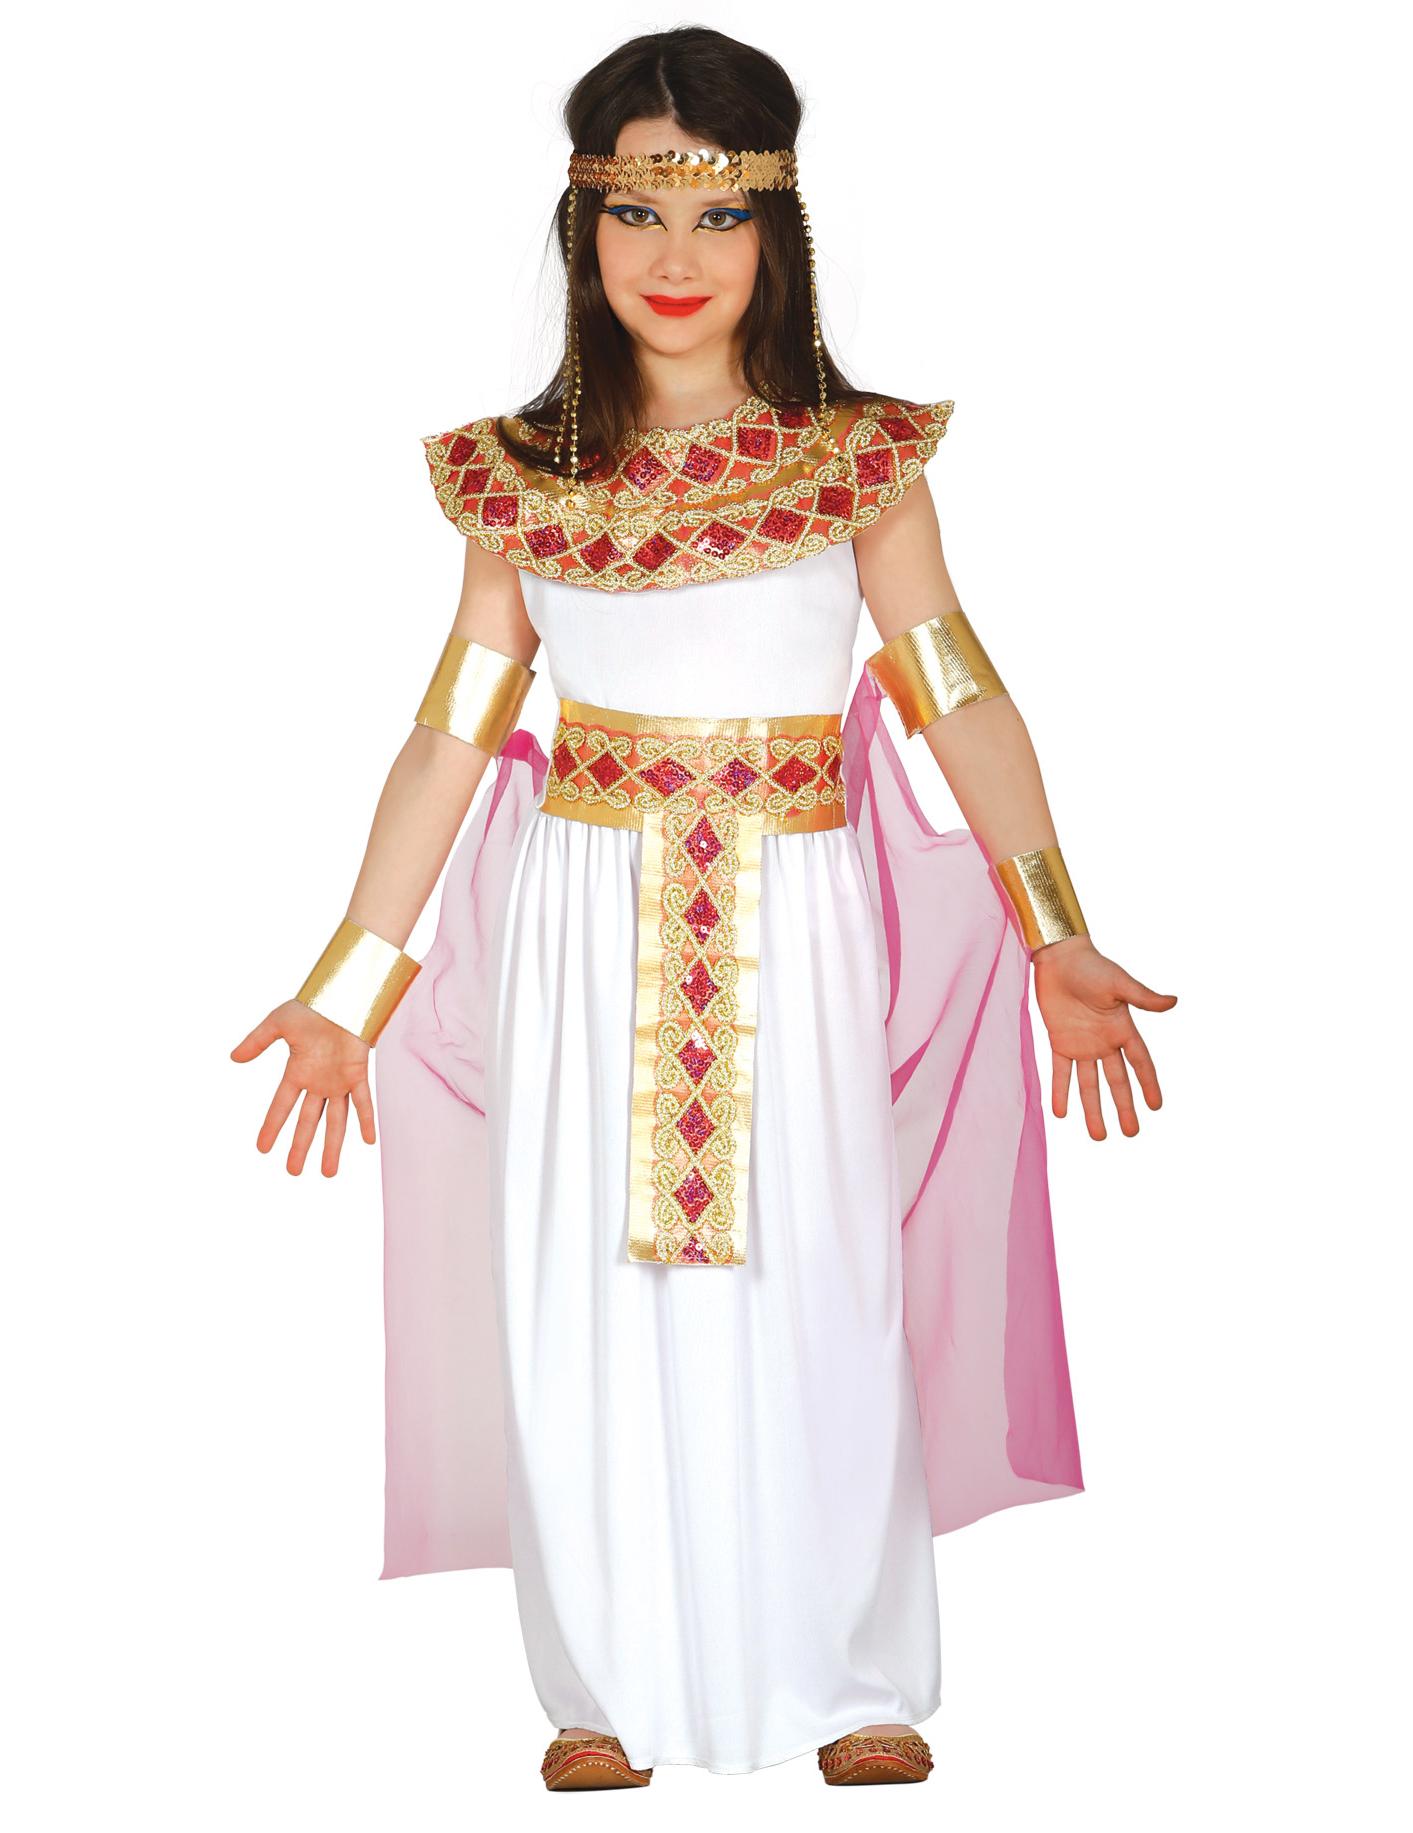 12d1c7950 Disfarce Egípcia cor-de-rosa e dourado menina  Disfarces Crianças ...